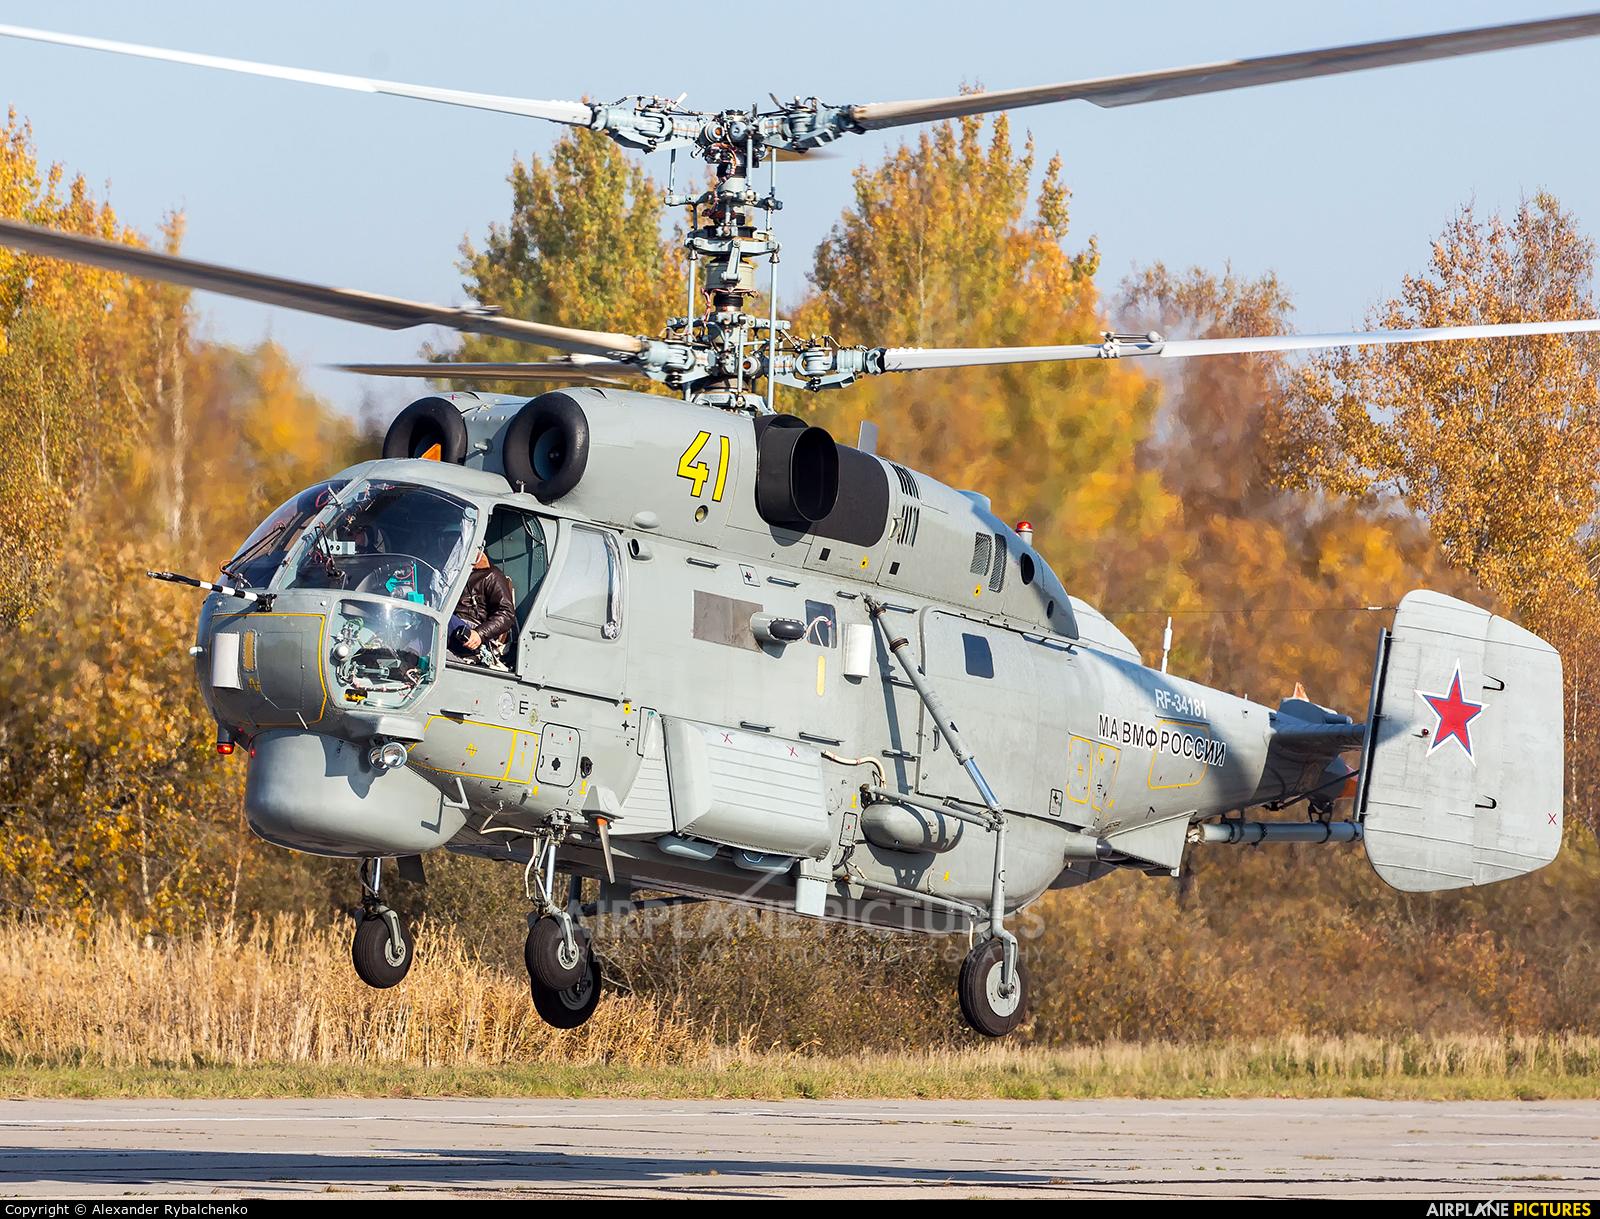 Russia - Navy RF-34181 aircraft at Chernjahovsk